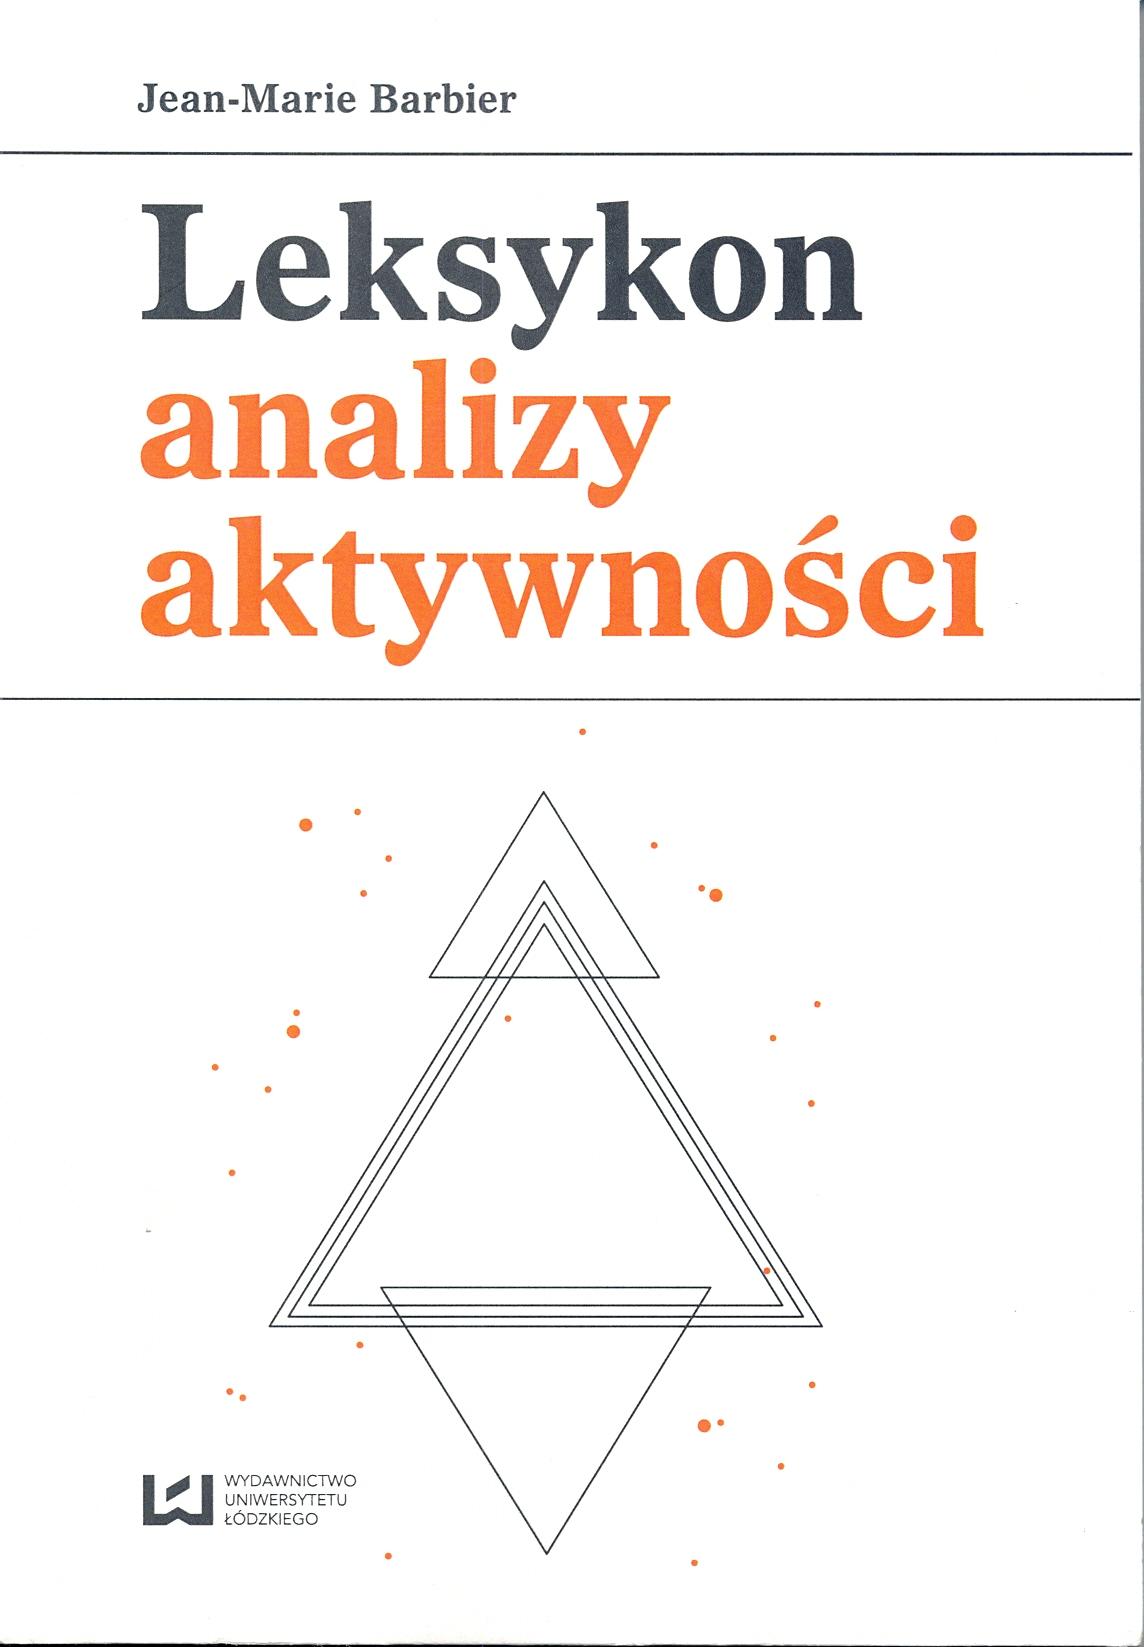 vocabulaire d'analyse  en polonais